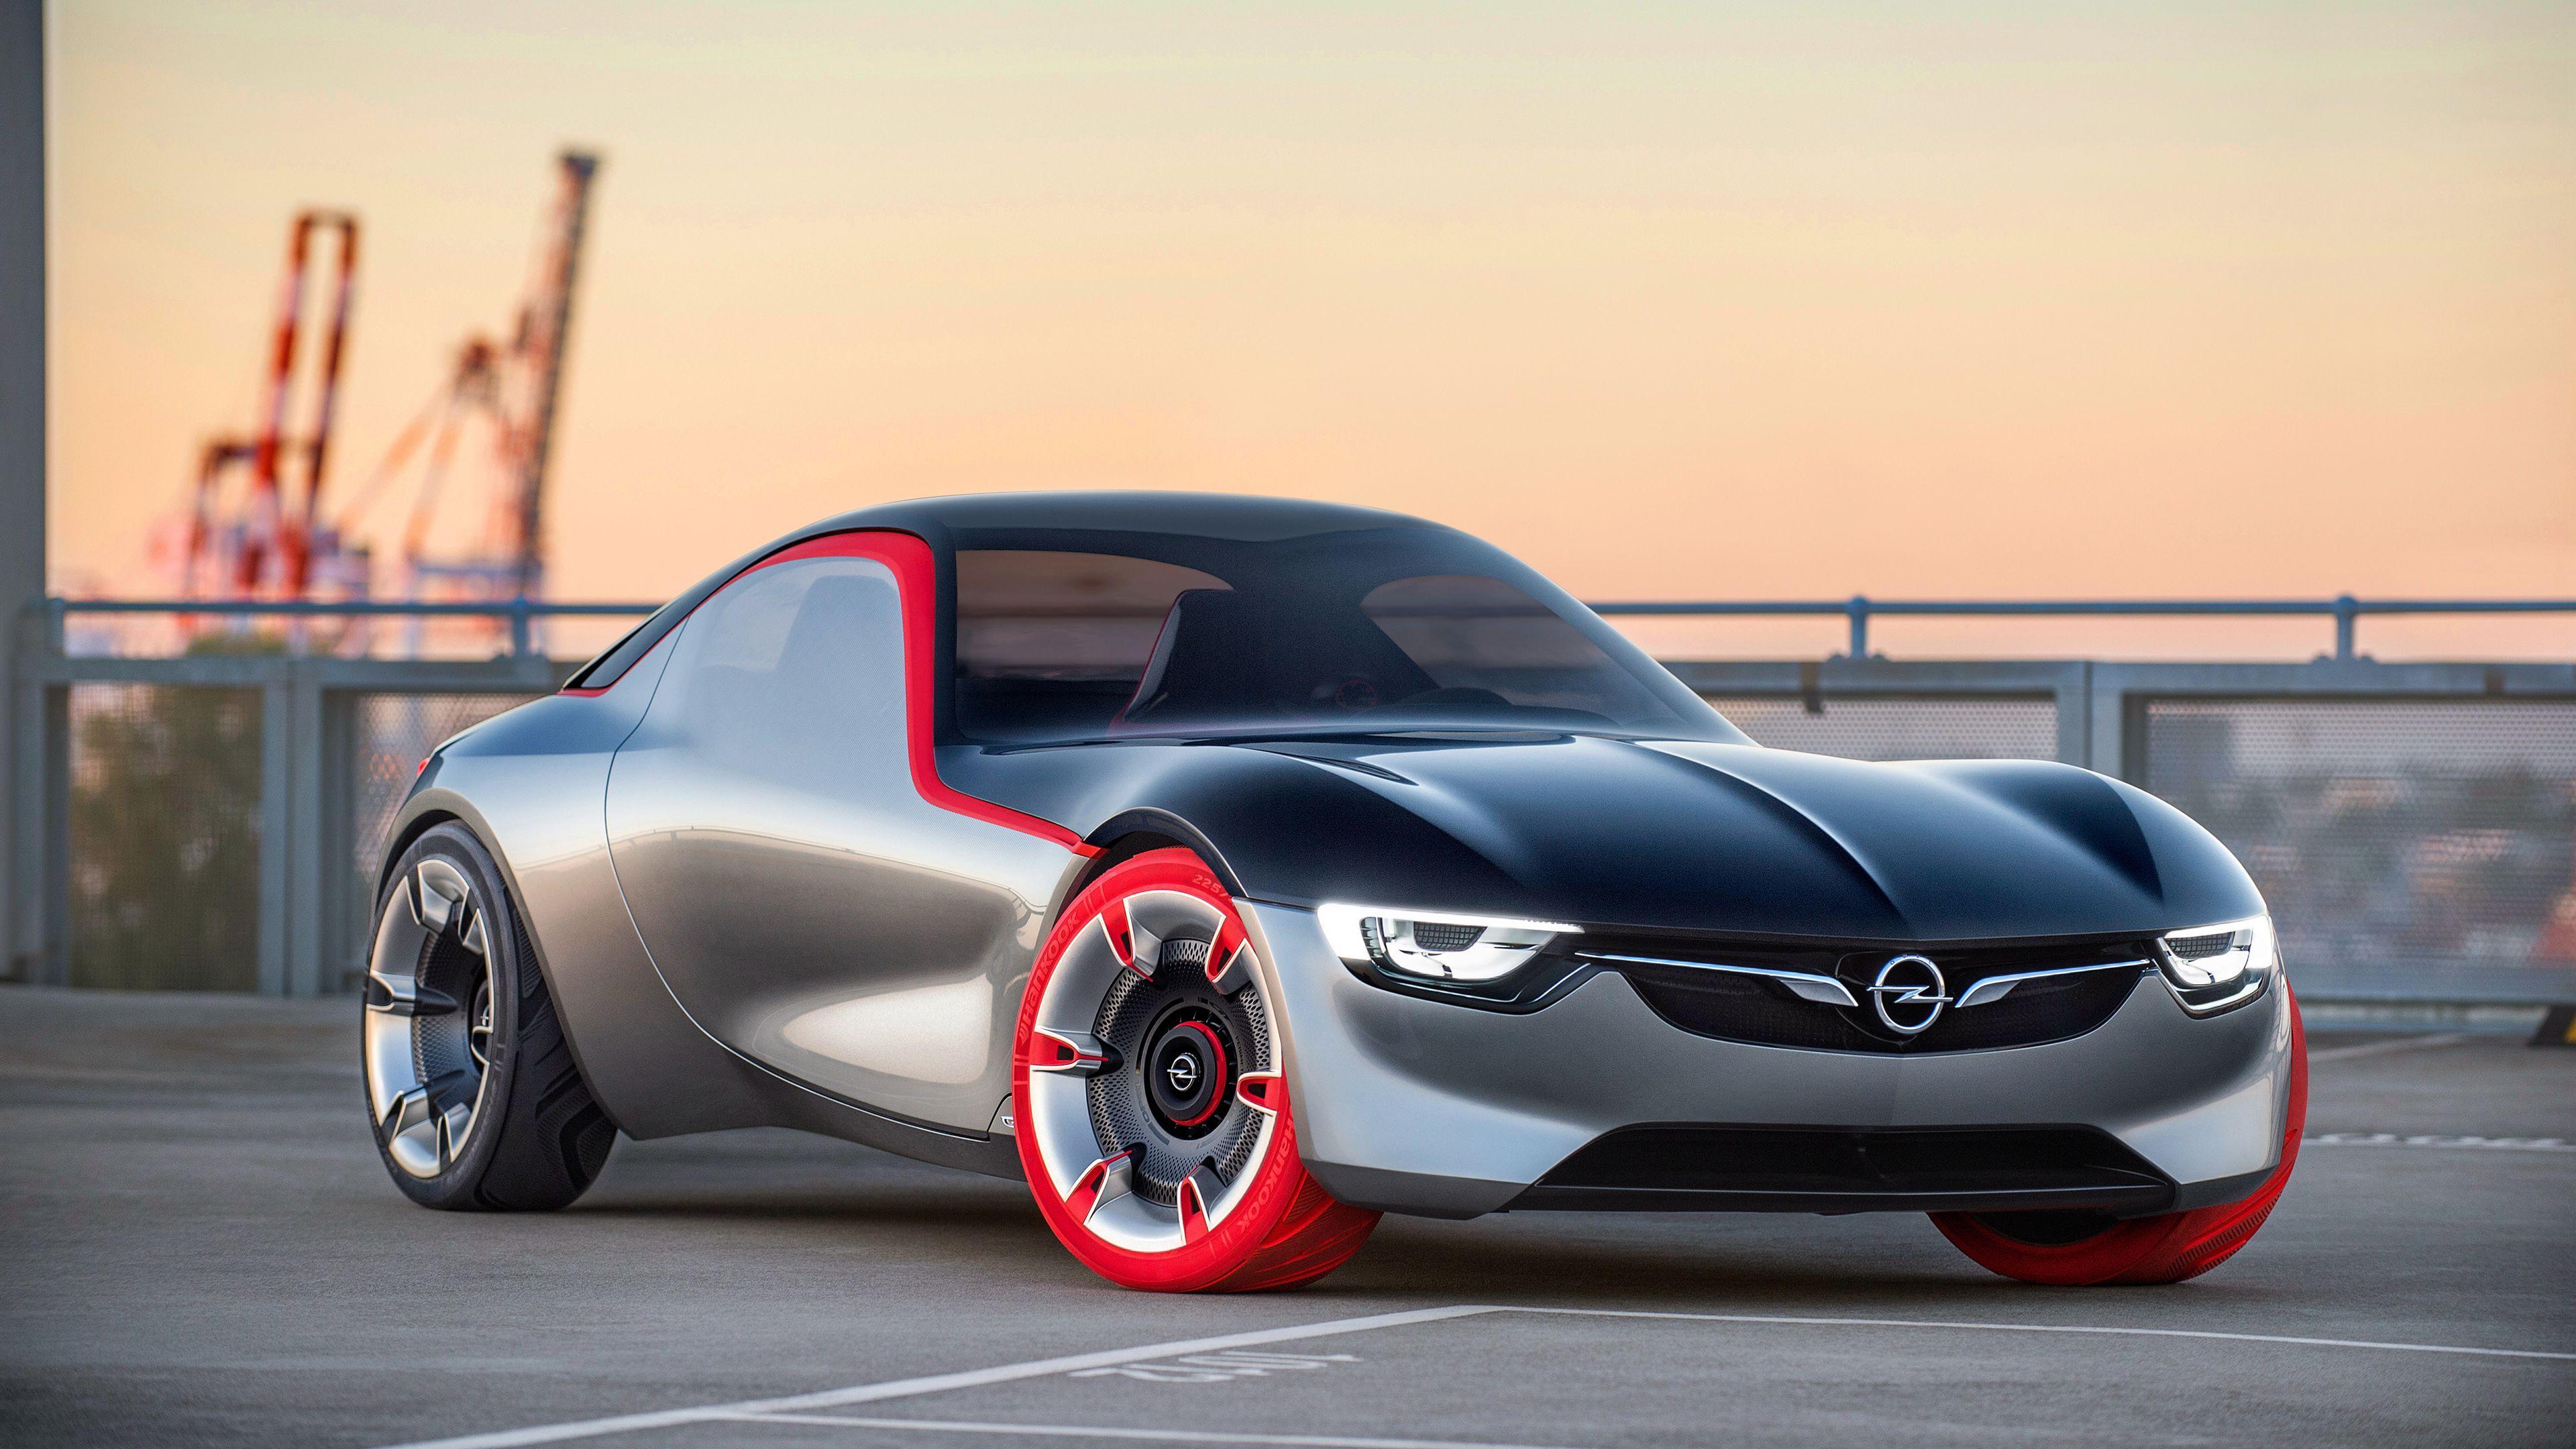 3840x2160 Opel GT Concept Hình nền.  Hình nền xe hơi HD